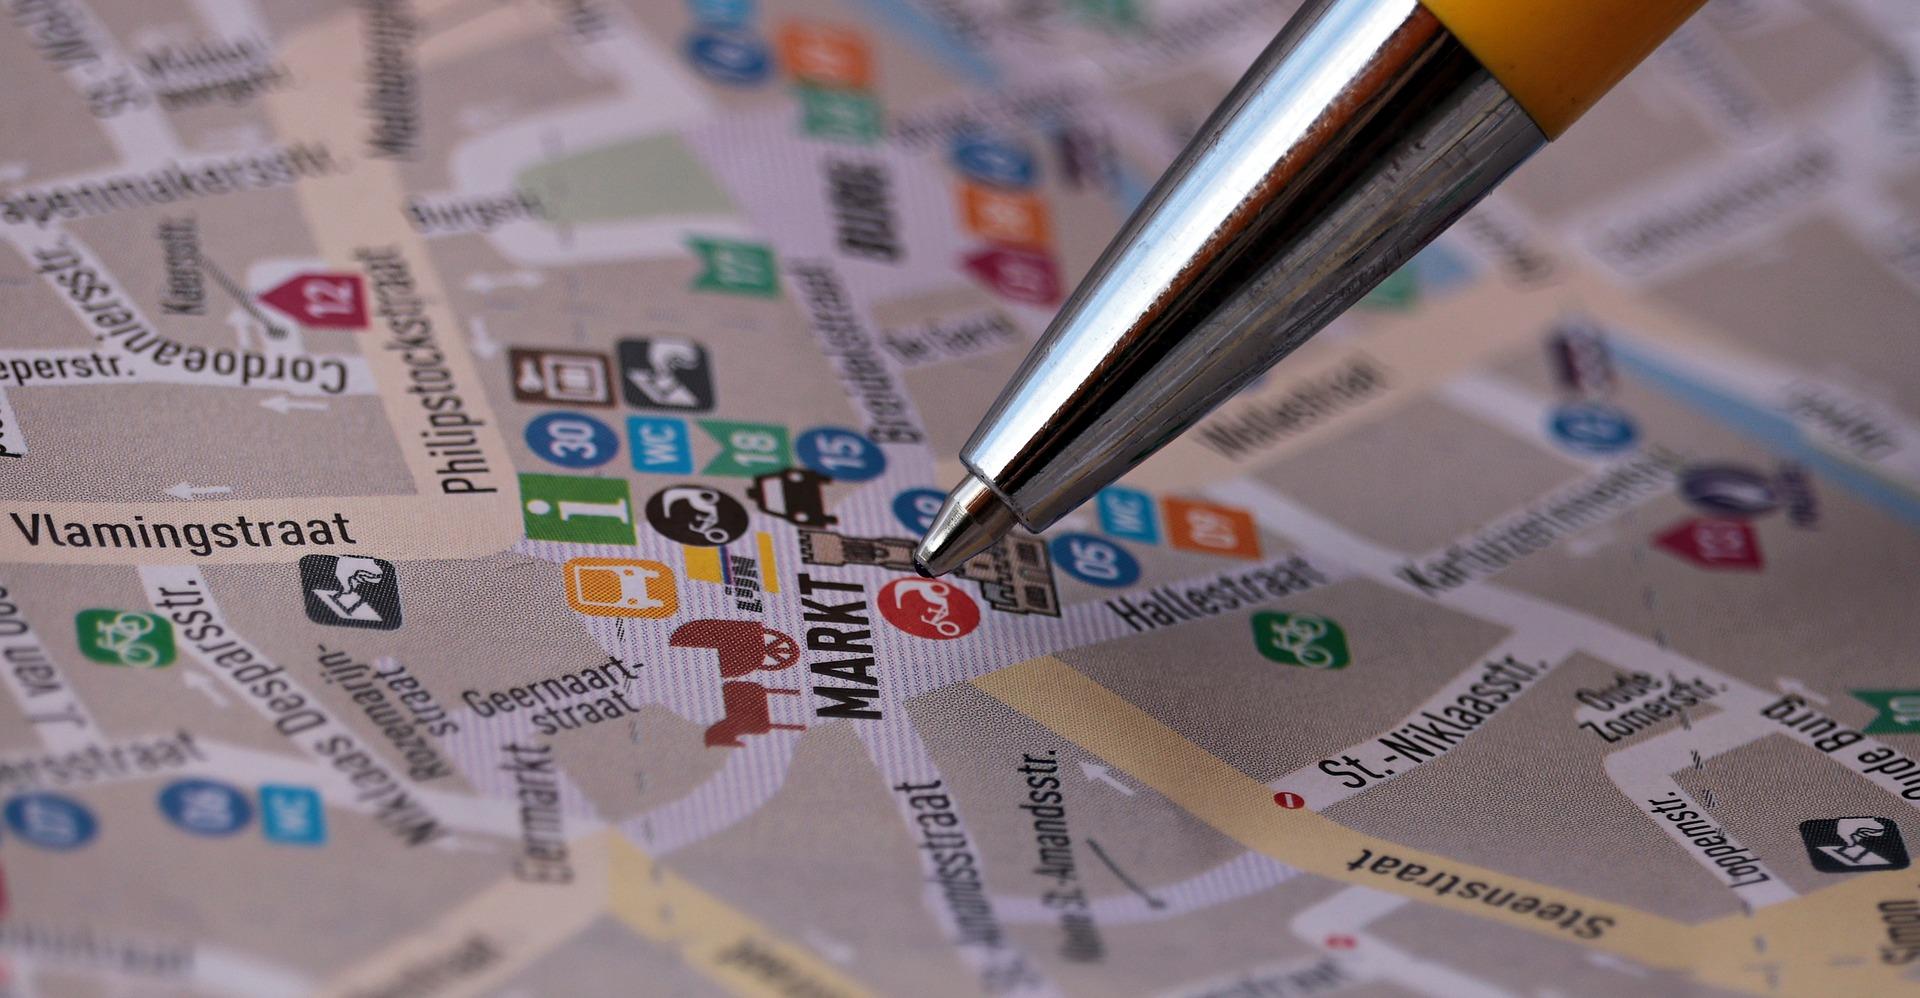 Mapa com caneta apontando para pontos importantes, planejando as viagens em grupo